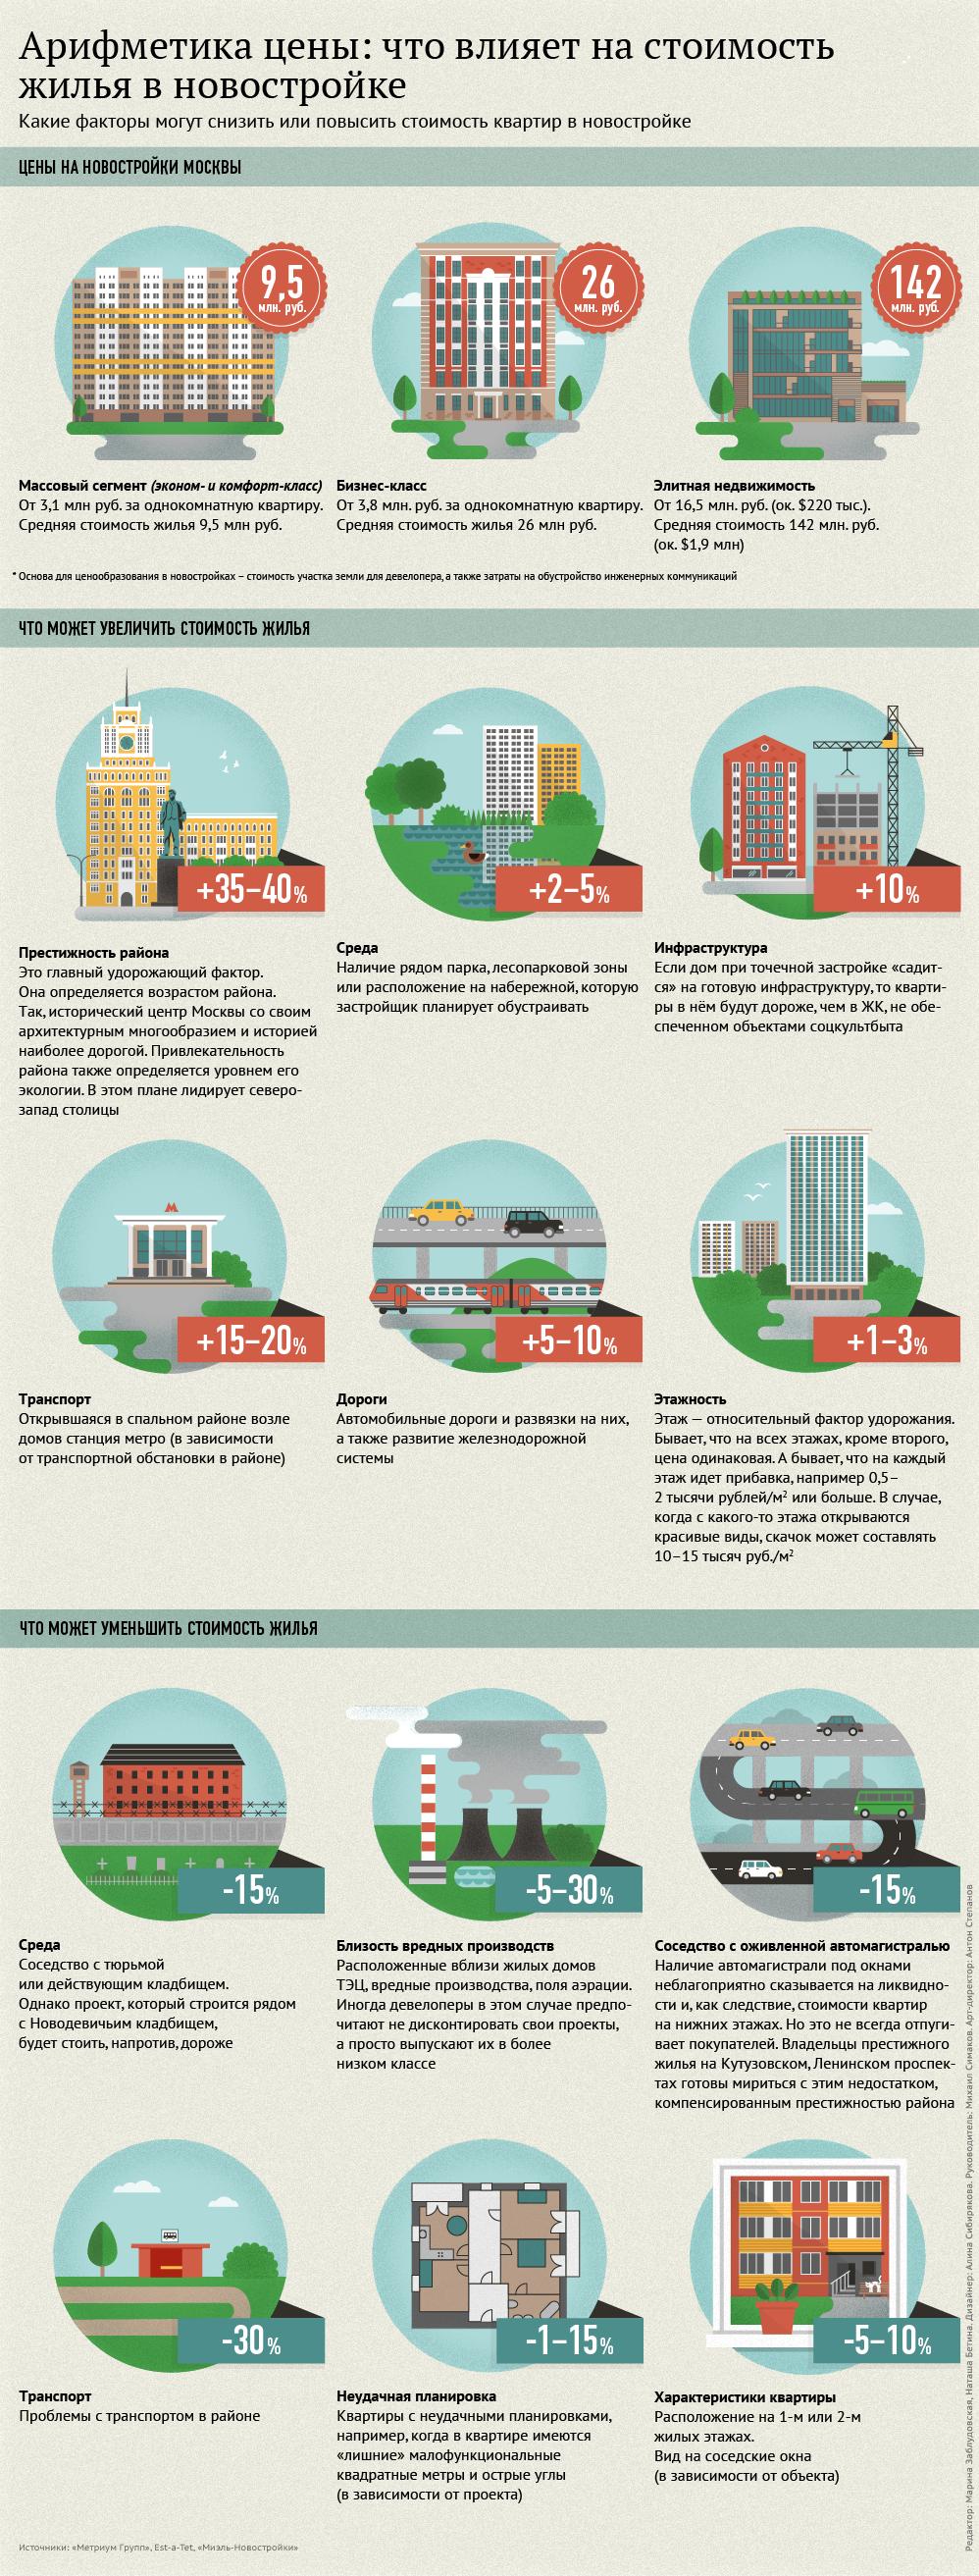 Какие факторы могут снизить или повысить стоимость квартир в новостройке